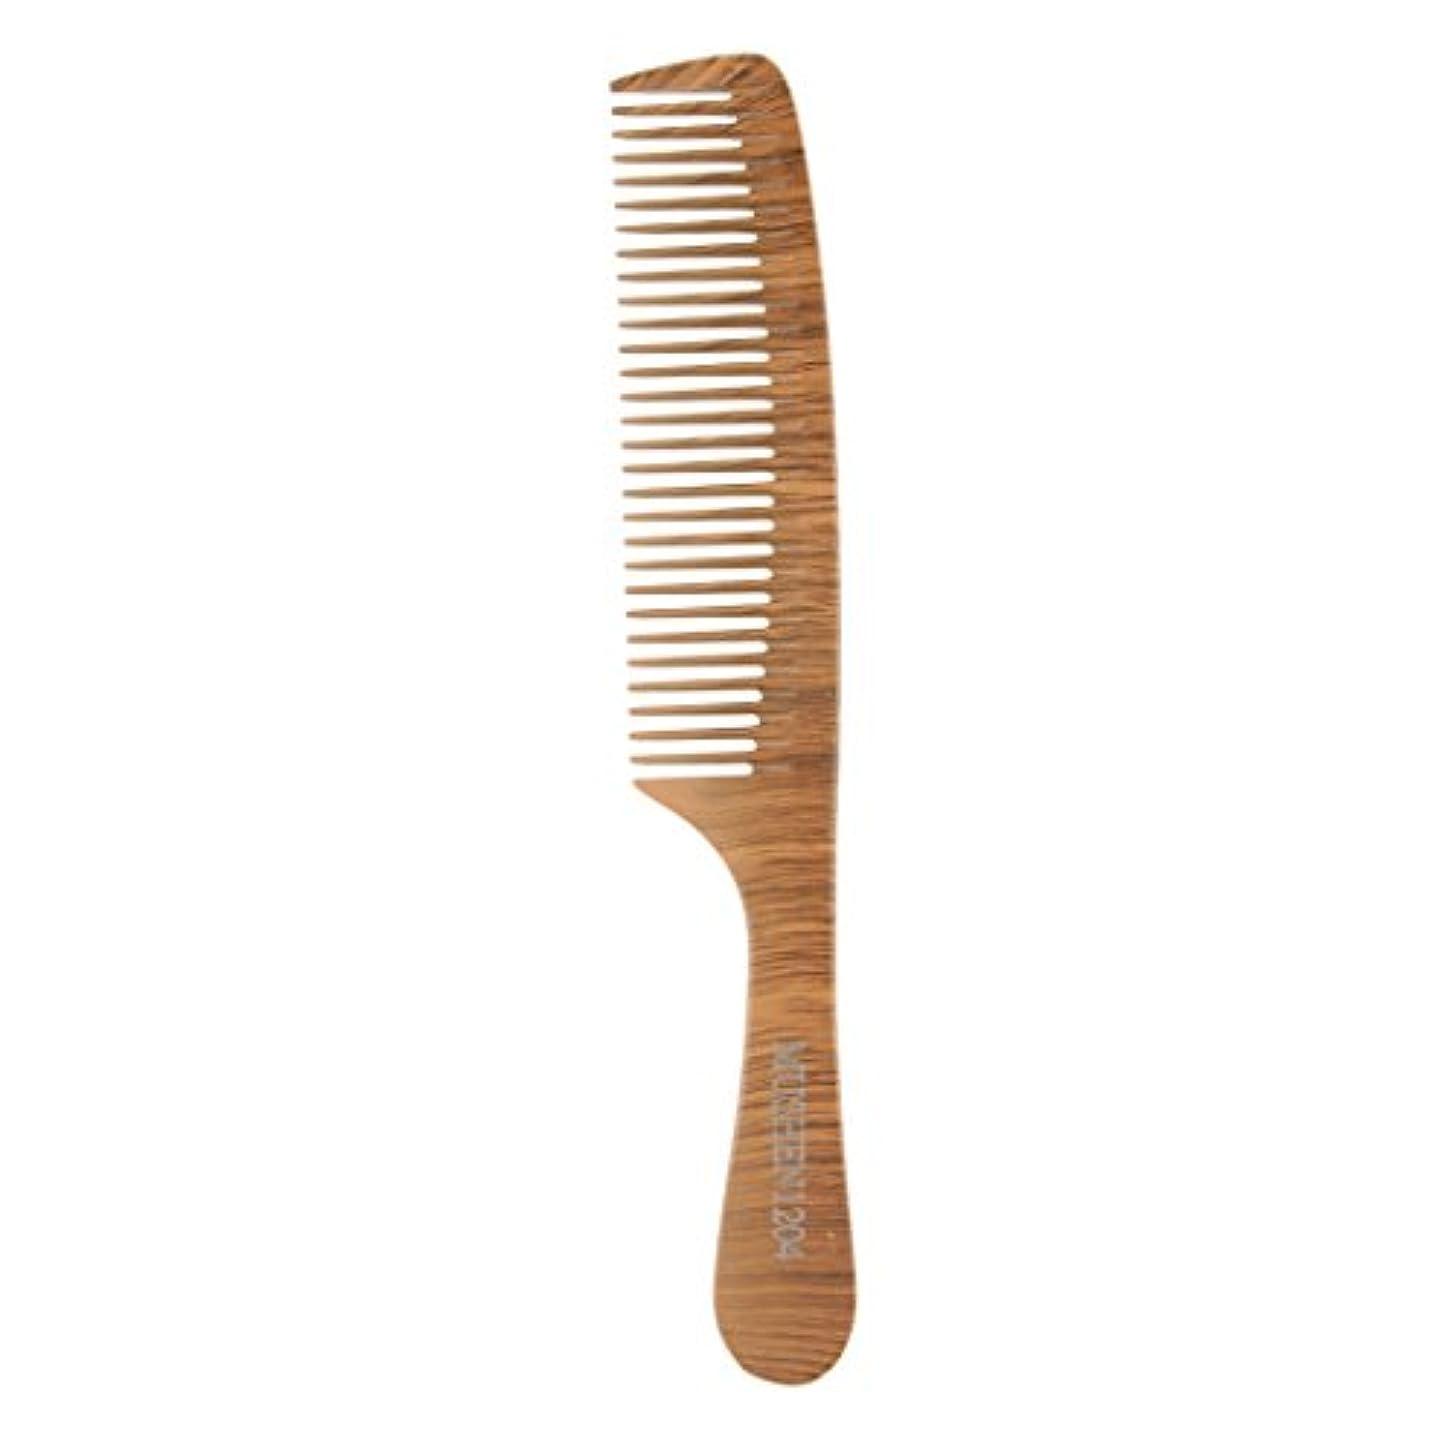 くぼみ環境に優しい慢木の理髪のスタイリングの櫛、大広間およびホテルのヘアケアツールのための頑丈な細かい歯の毛の櫛 - 1204